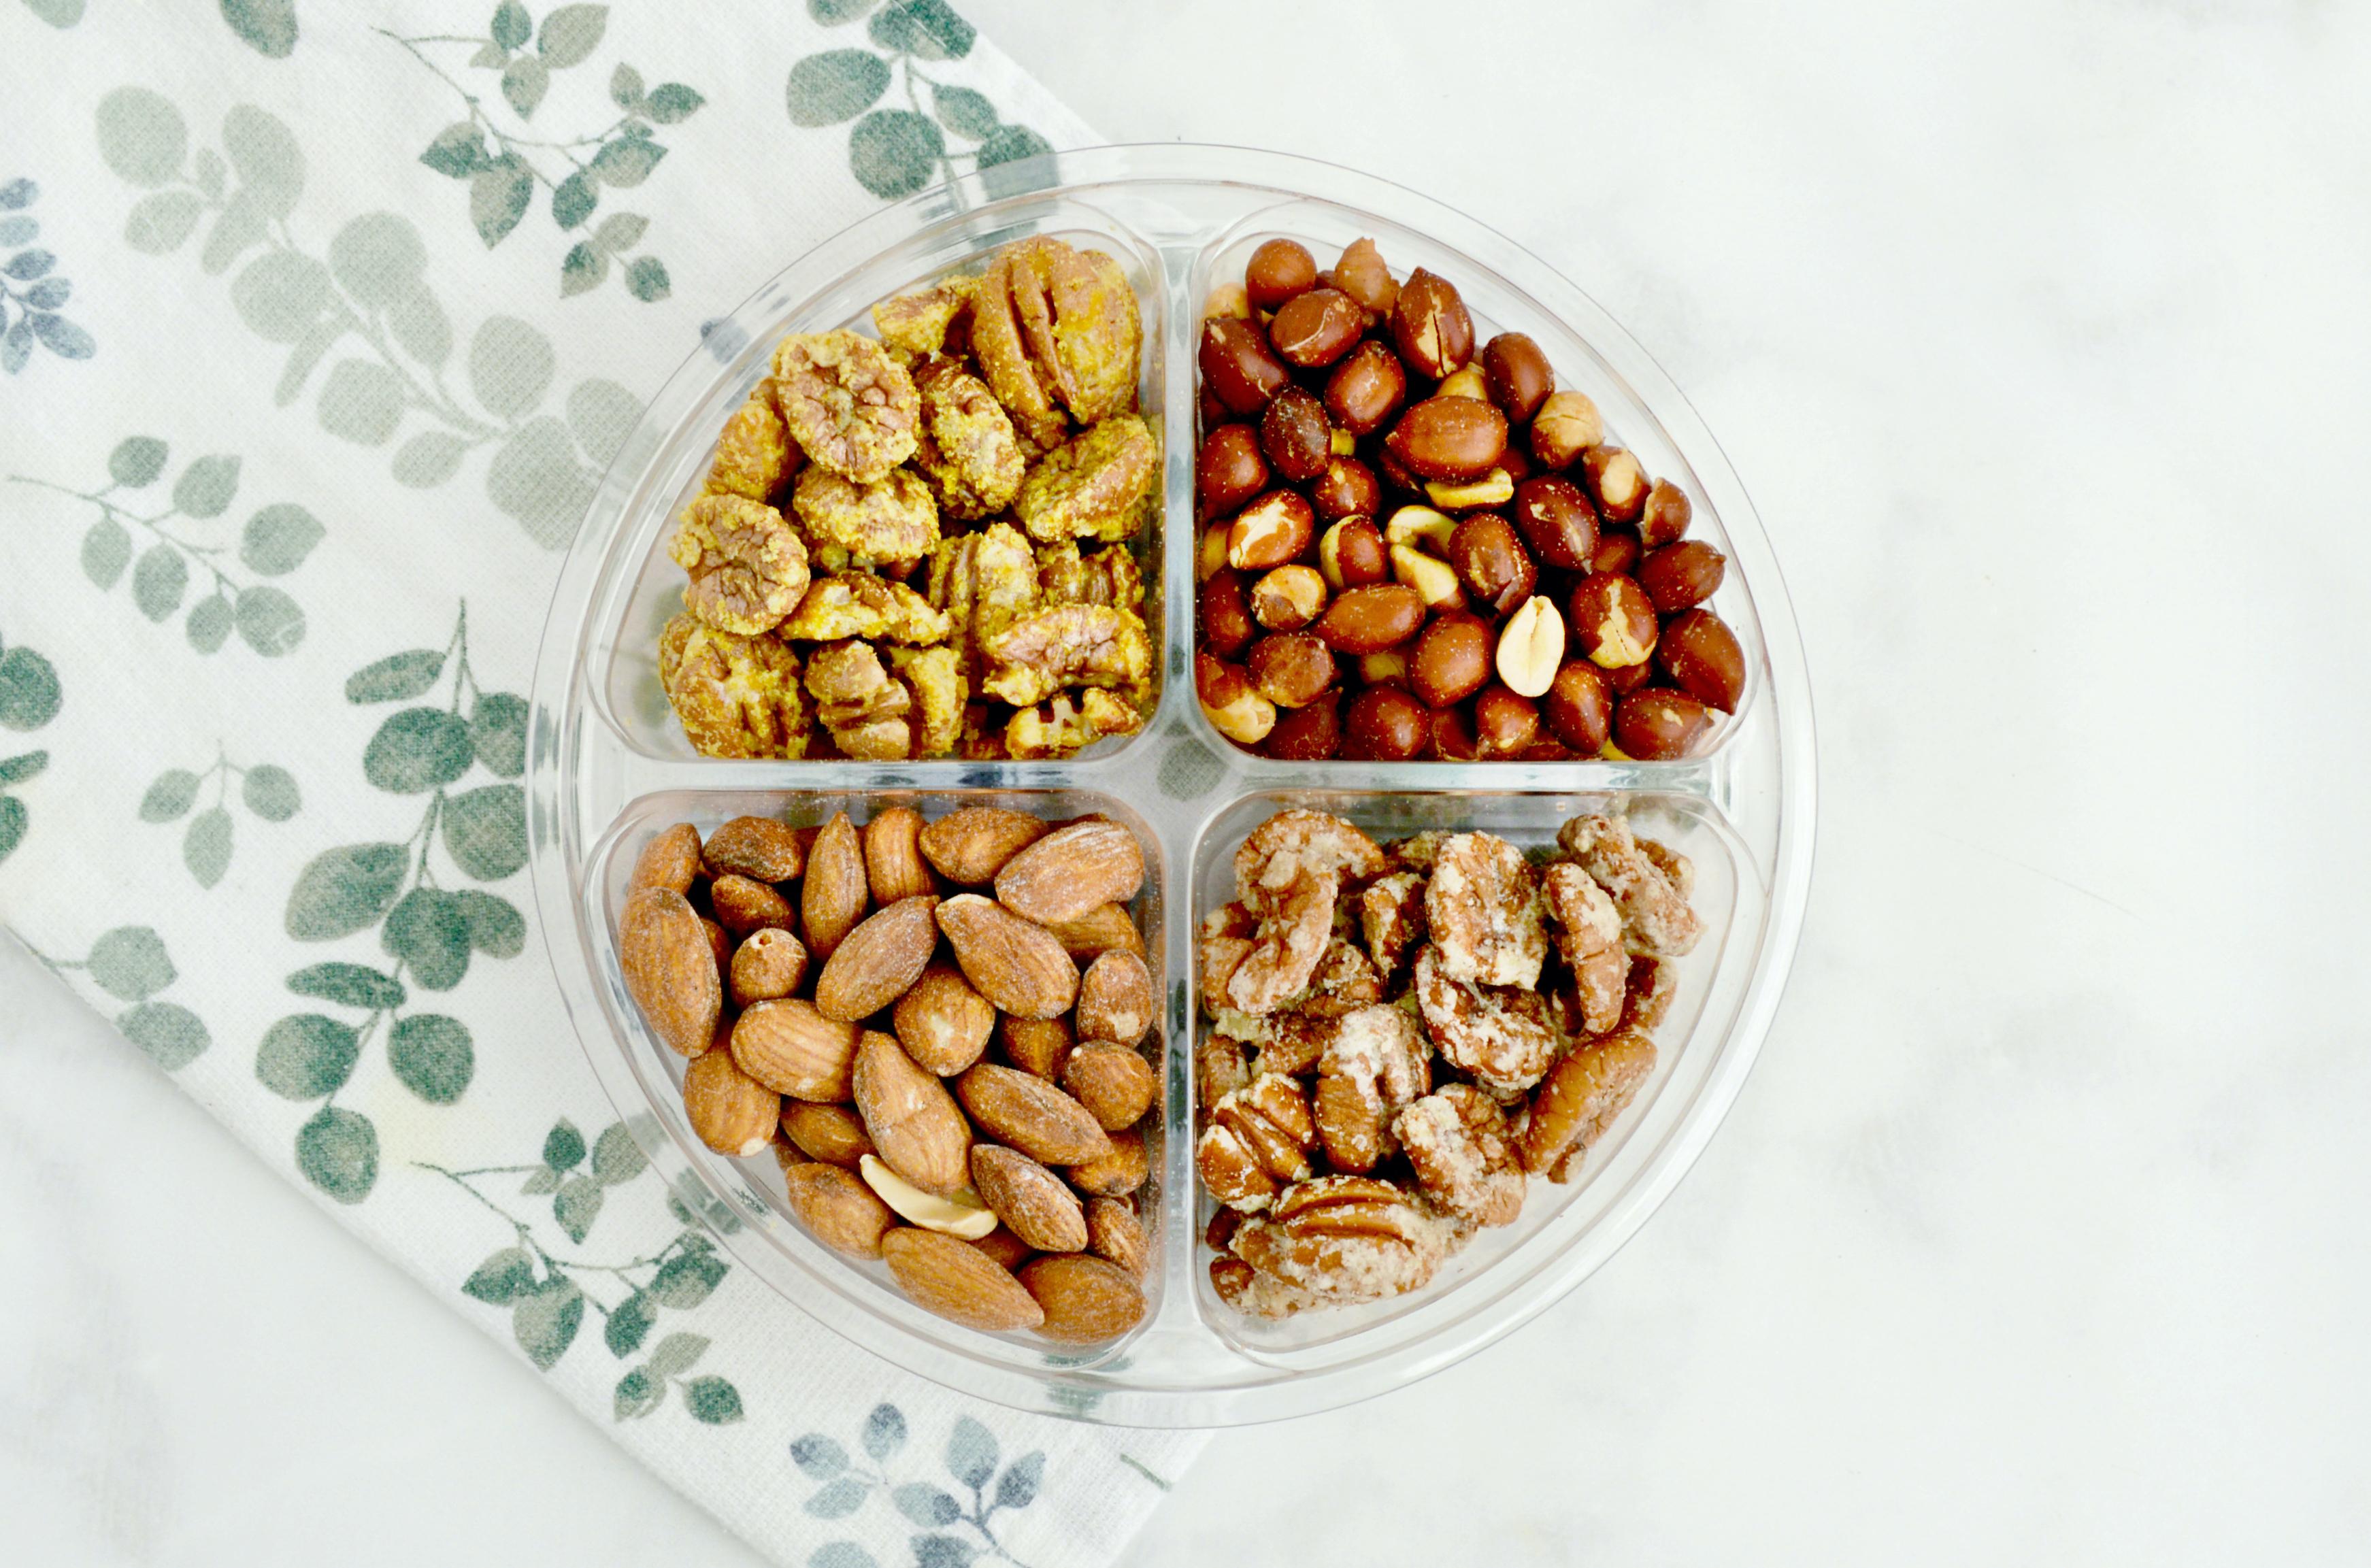 Mixed Nut Gift Tray